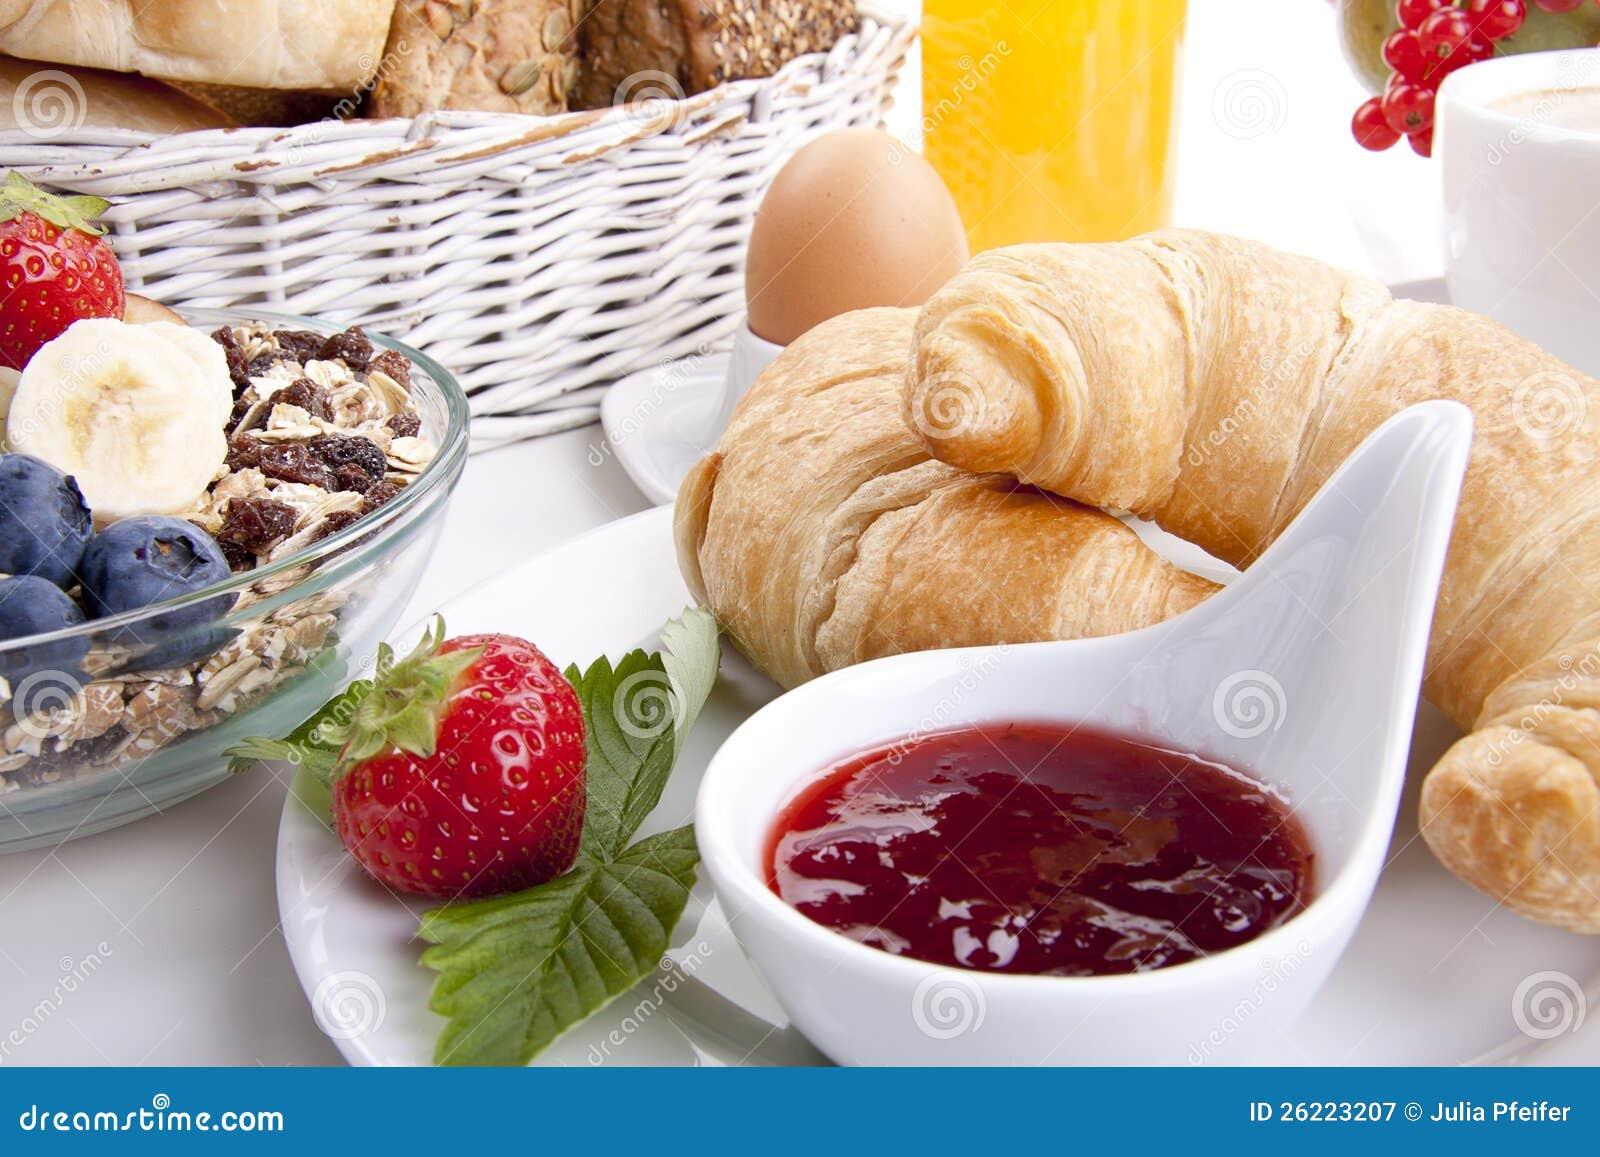 Cafe Grain Croissant